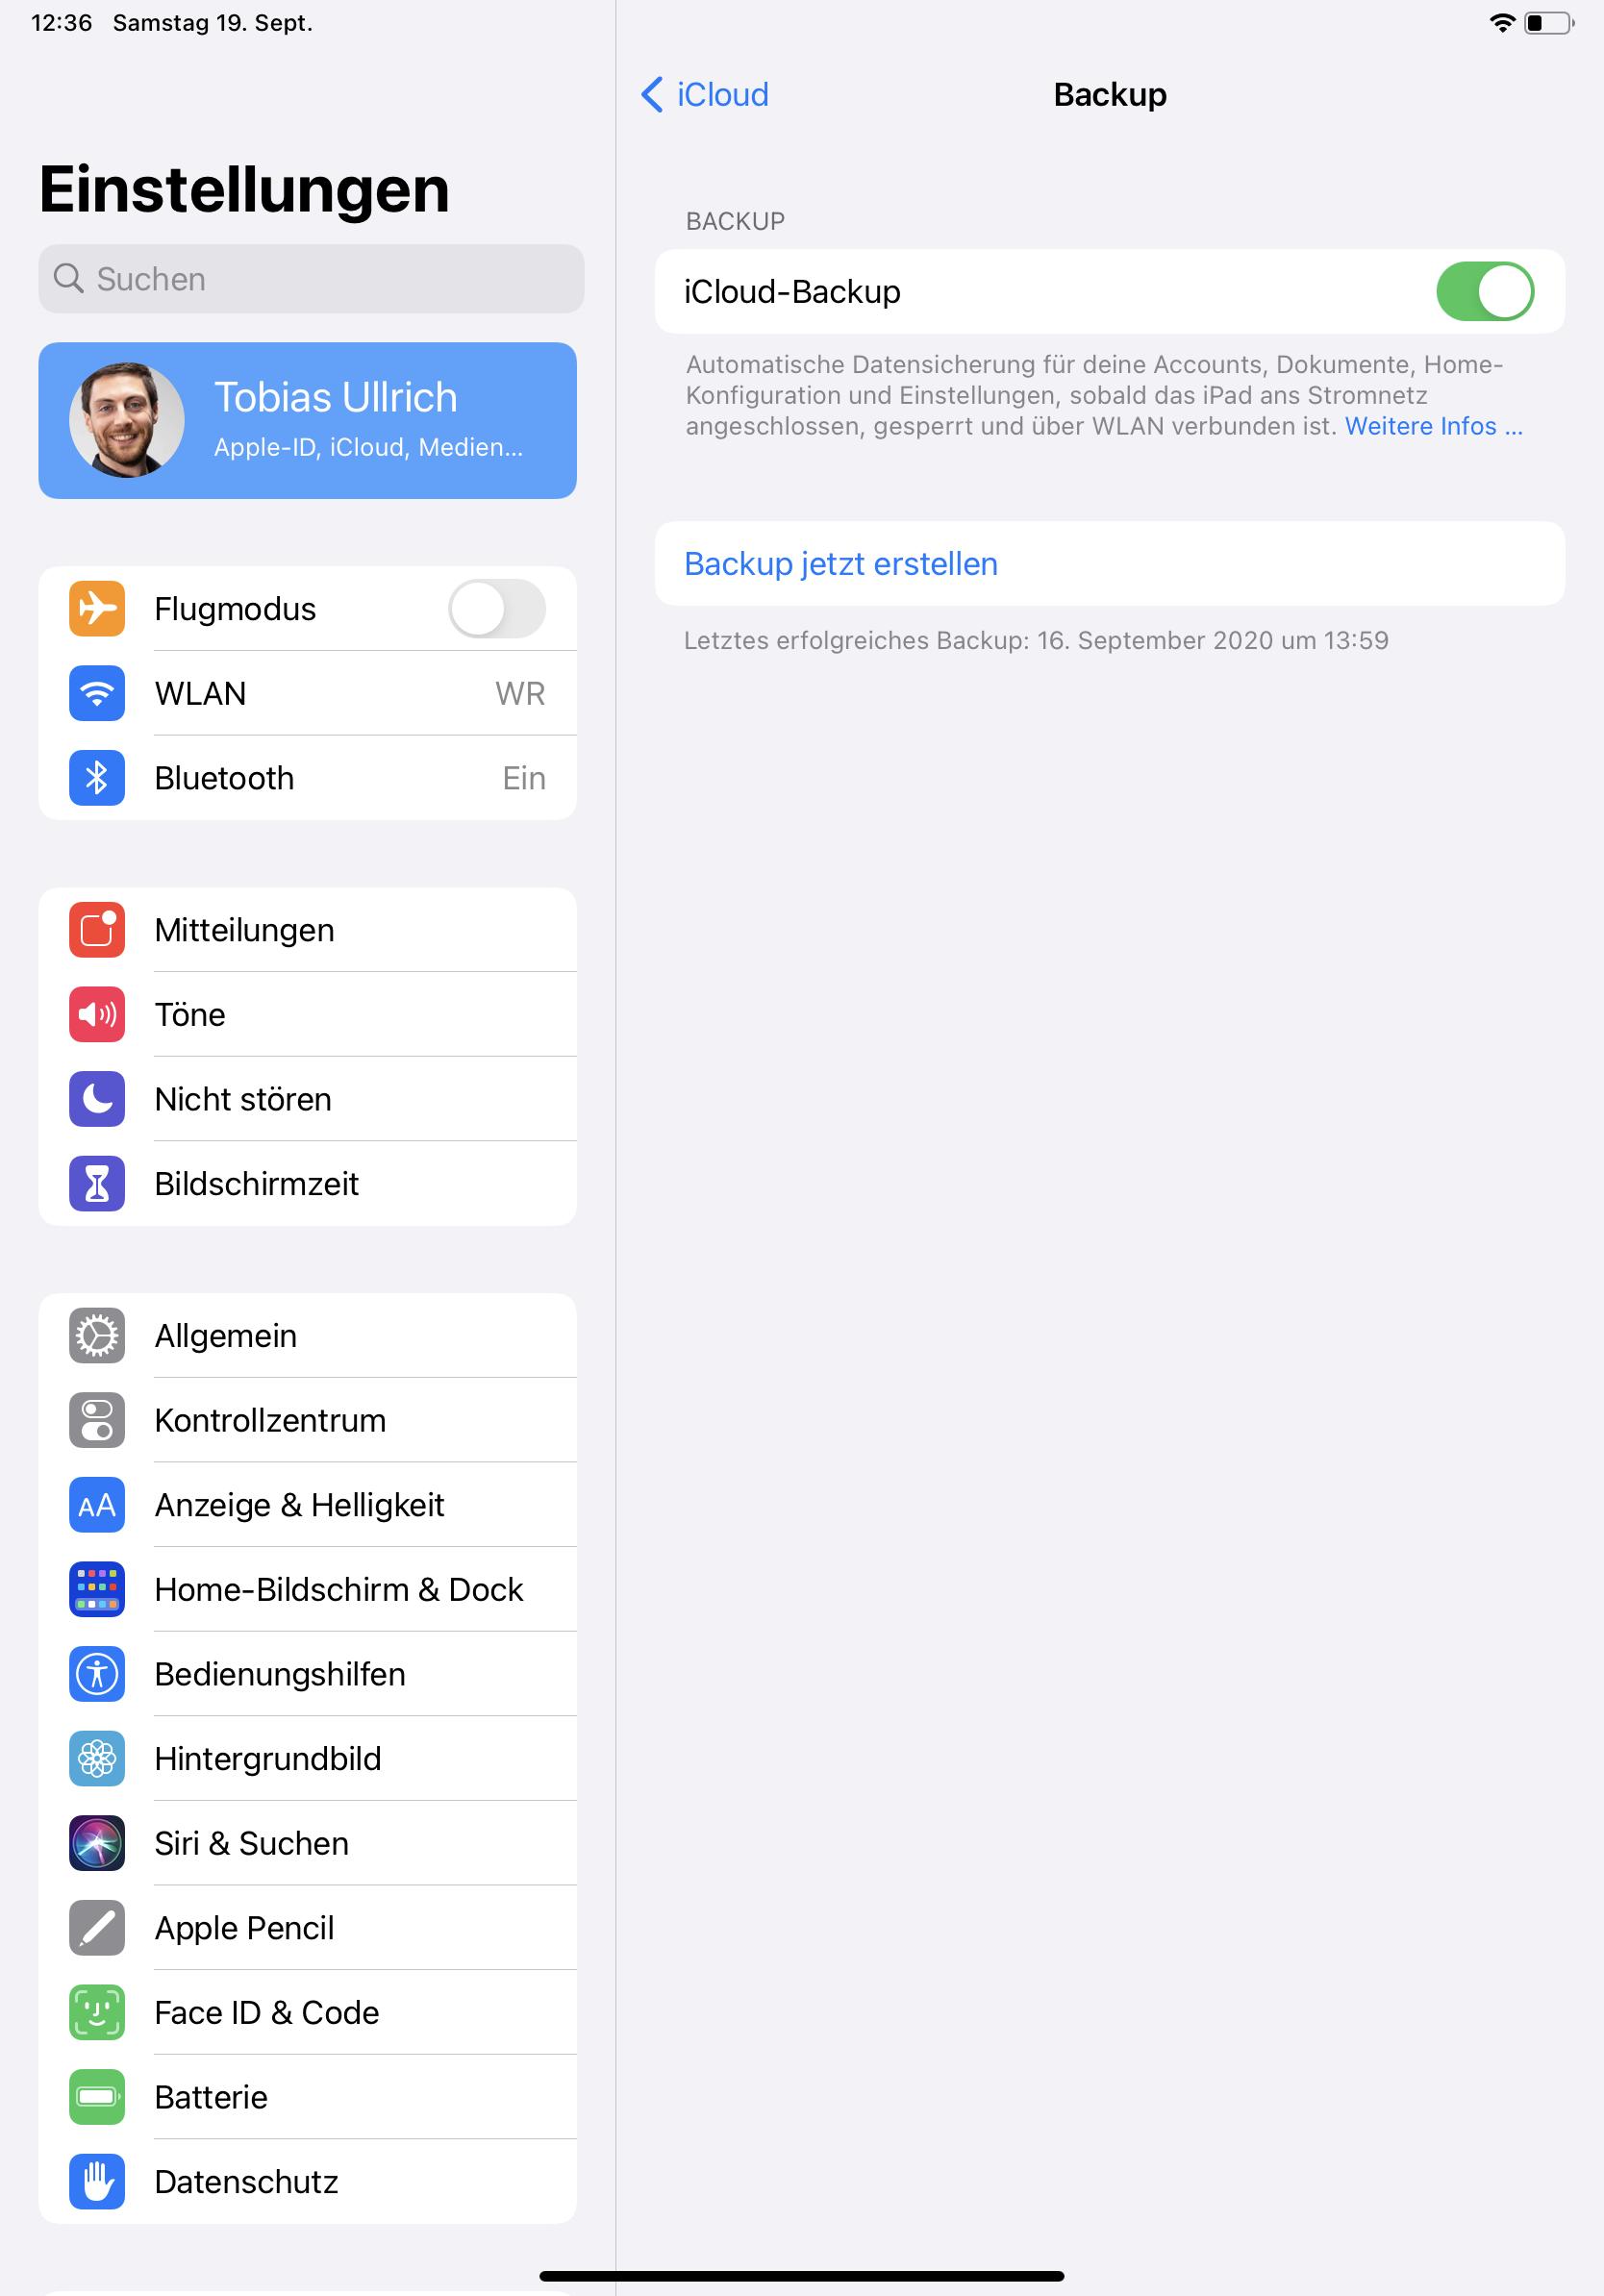 iPad Daten sichern leicht gemacht